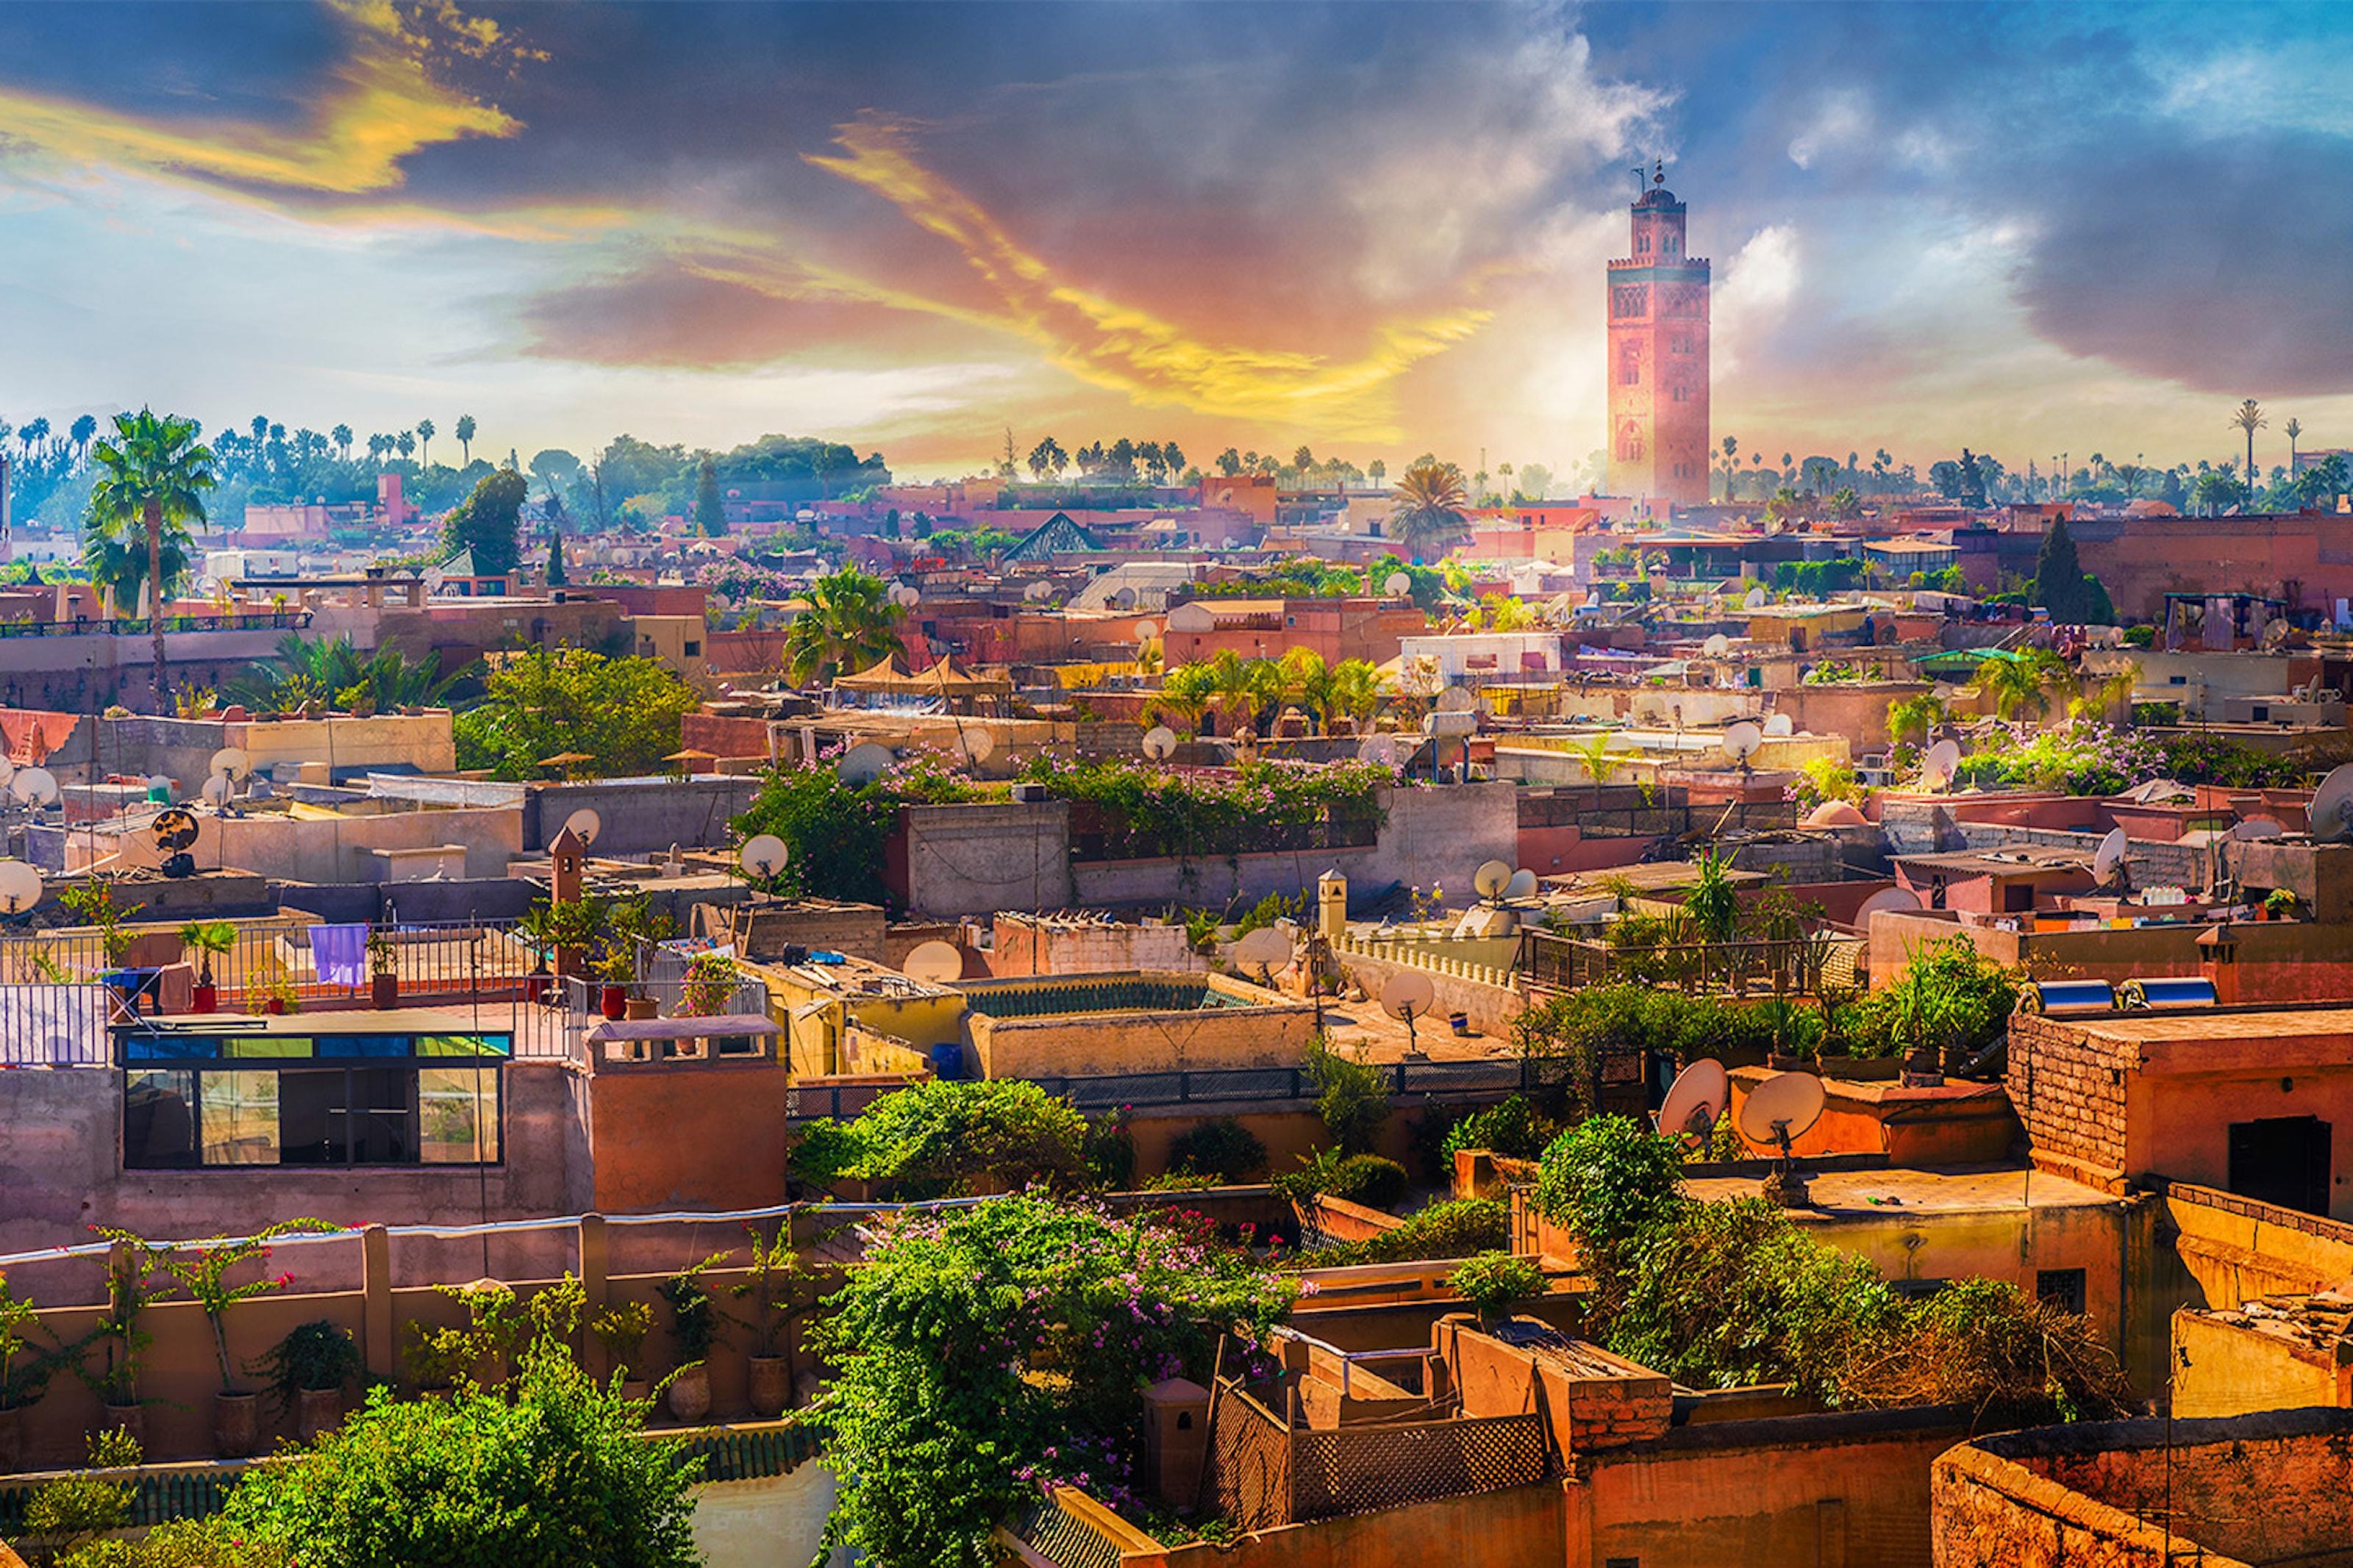 Fly tur/retur fra Oslo til Marrakech &syv netter i dobbeltrom på 4* hotell inkl. frokost